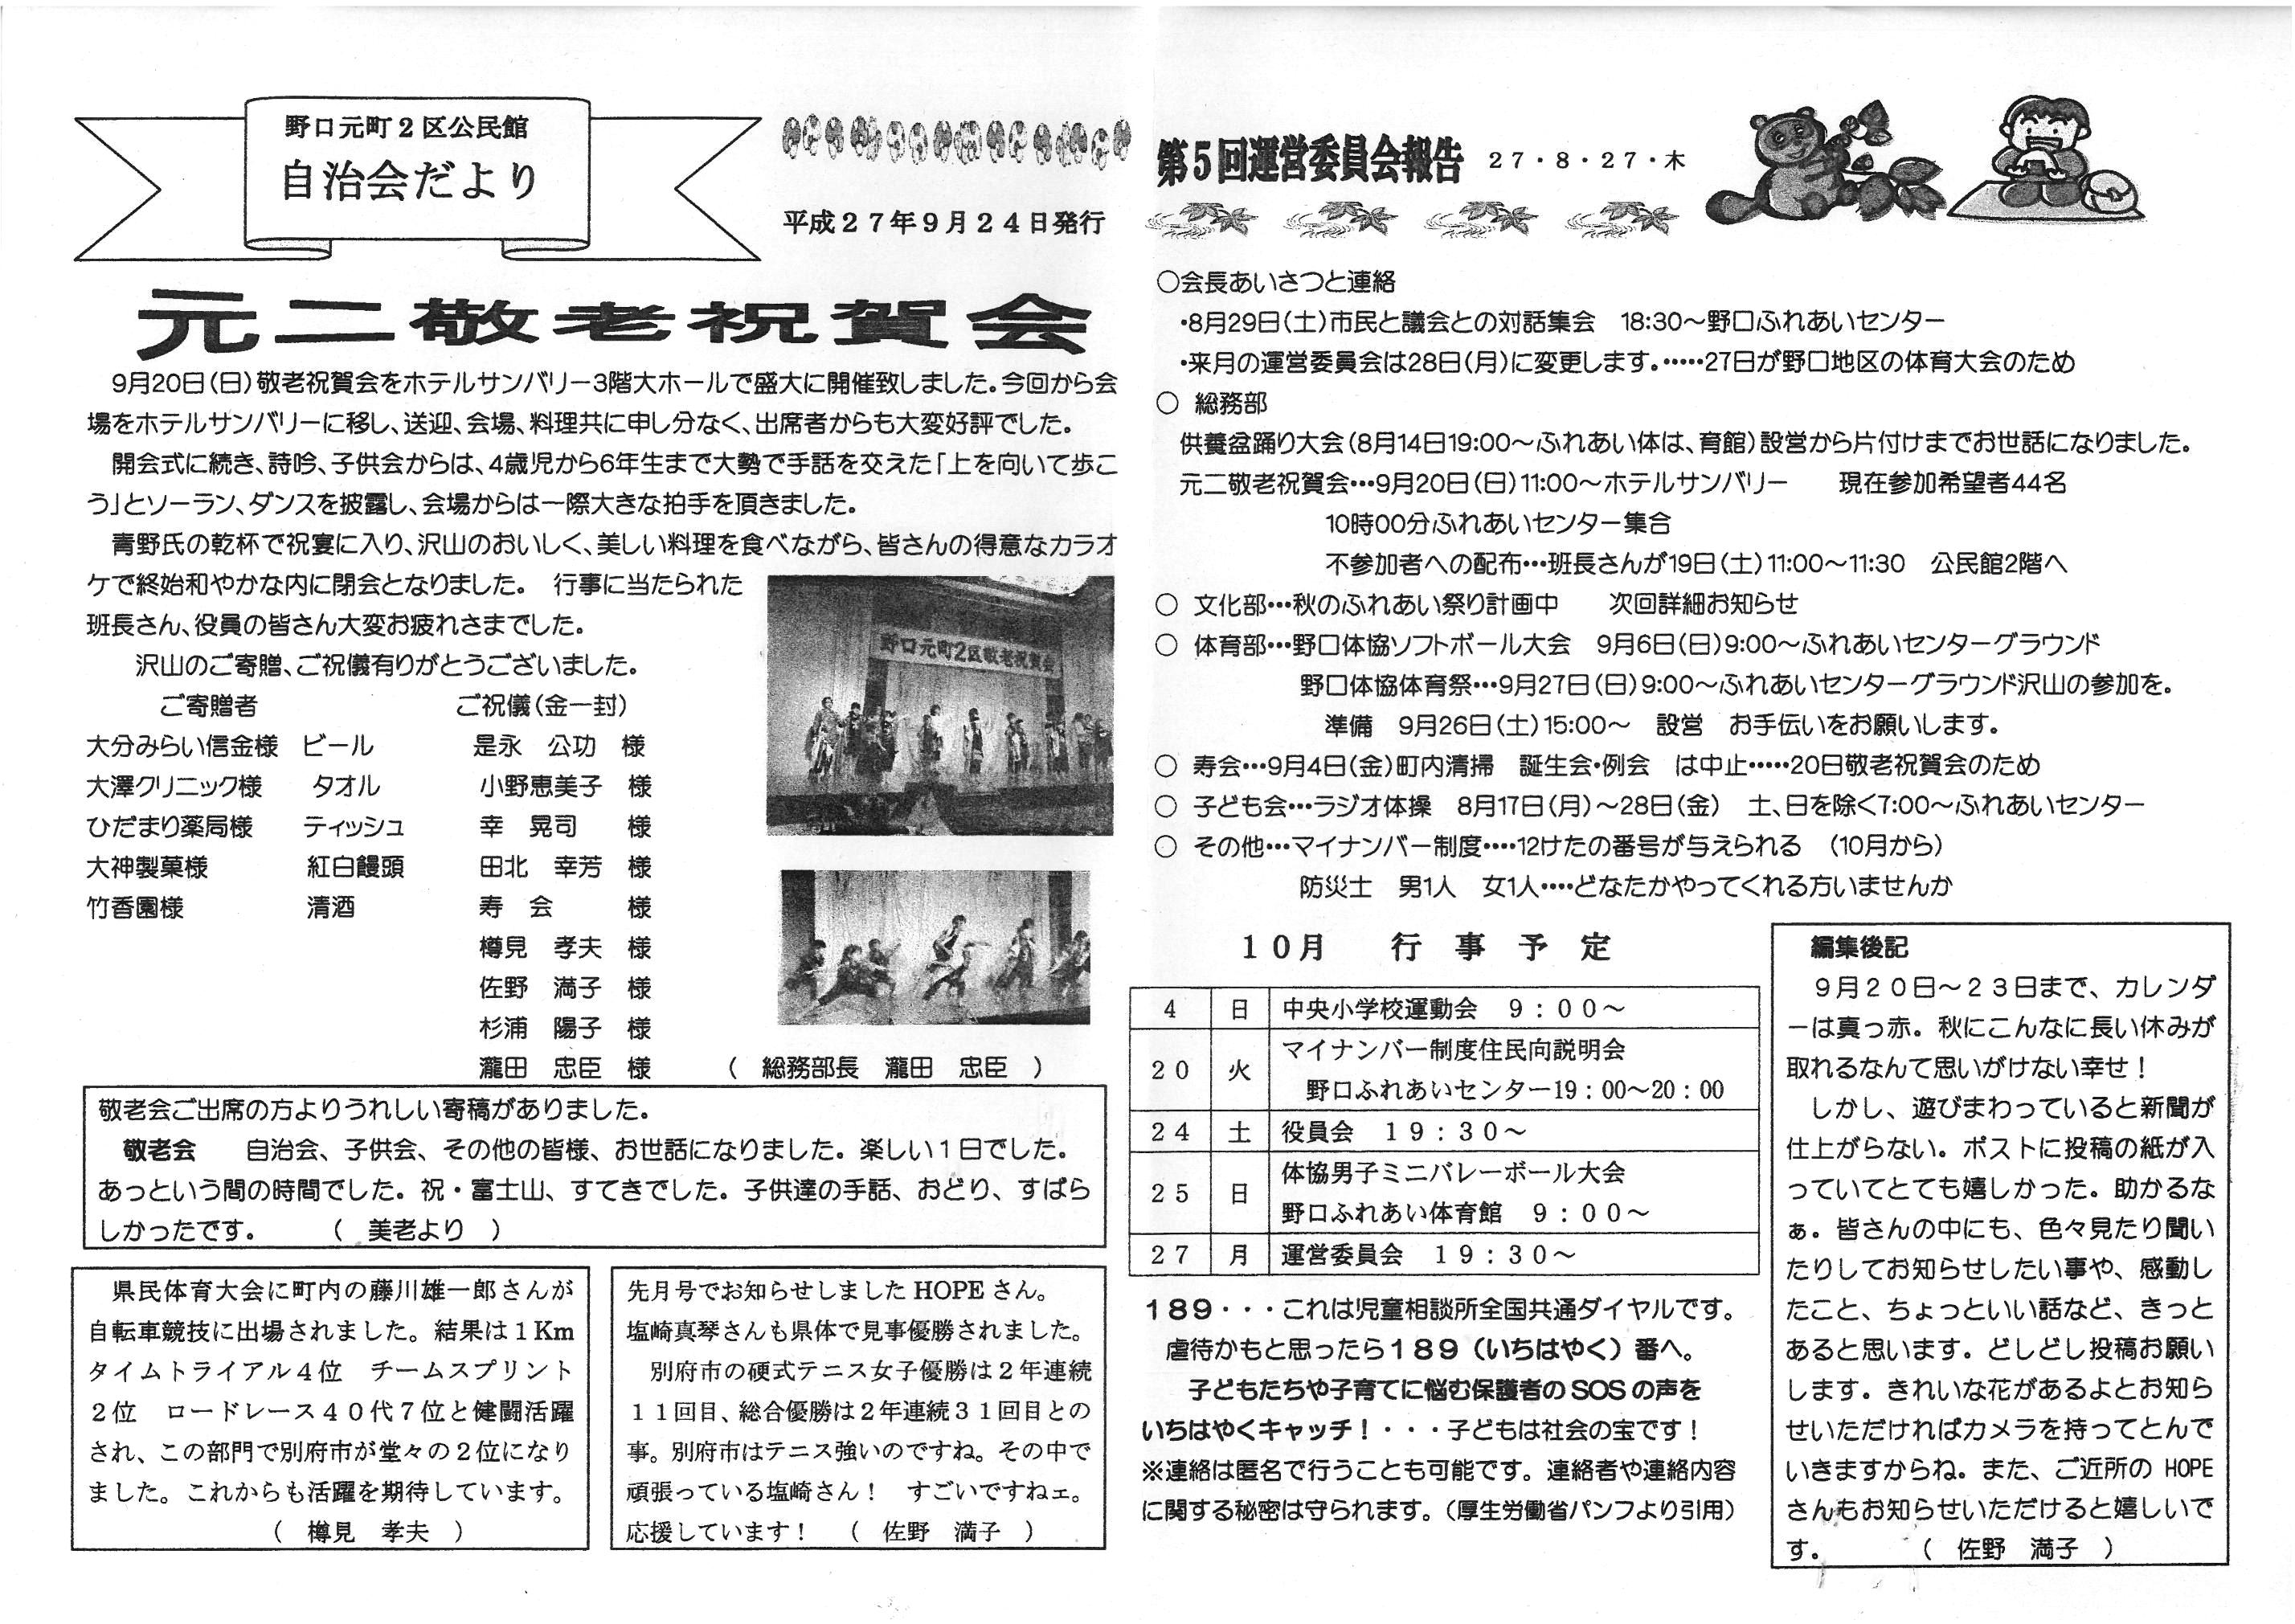 noguchimotomachi2ku_2015_10